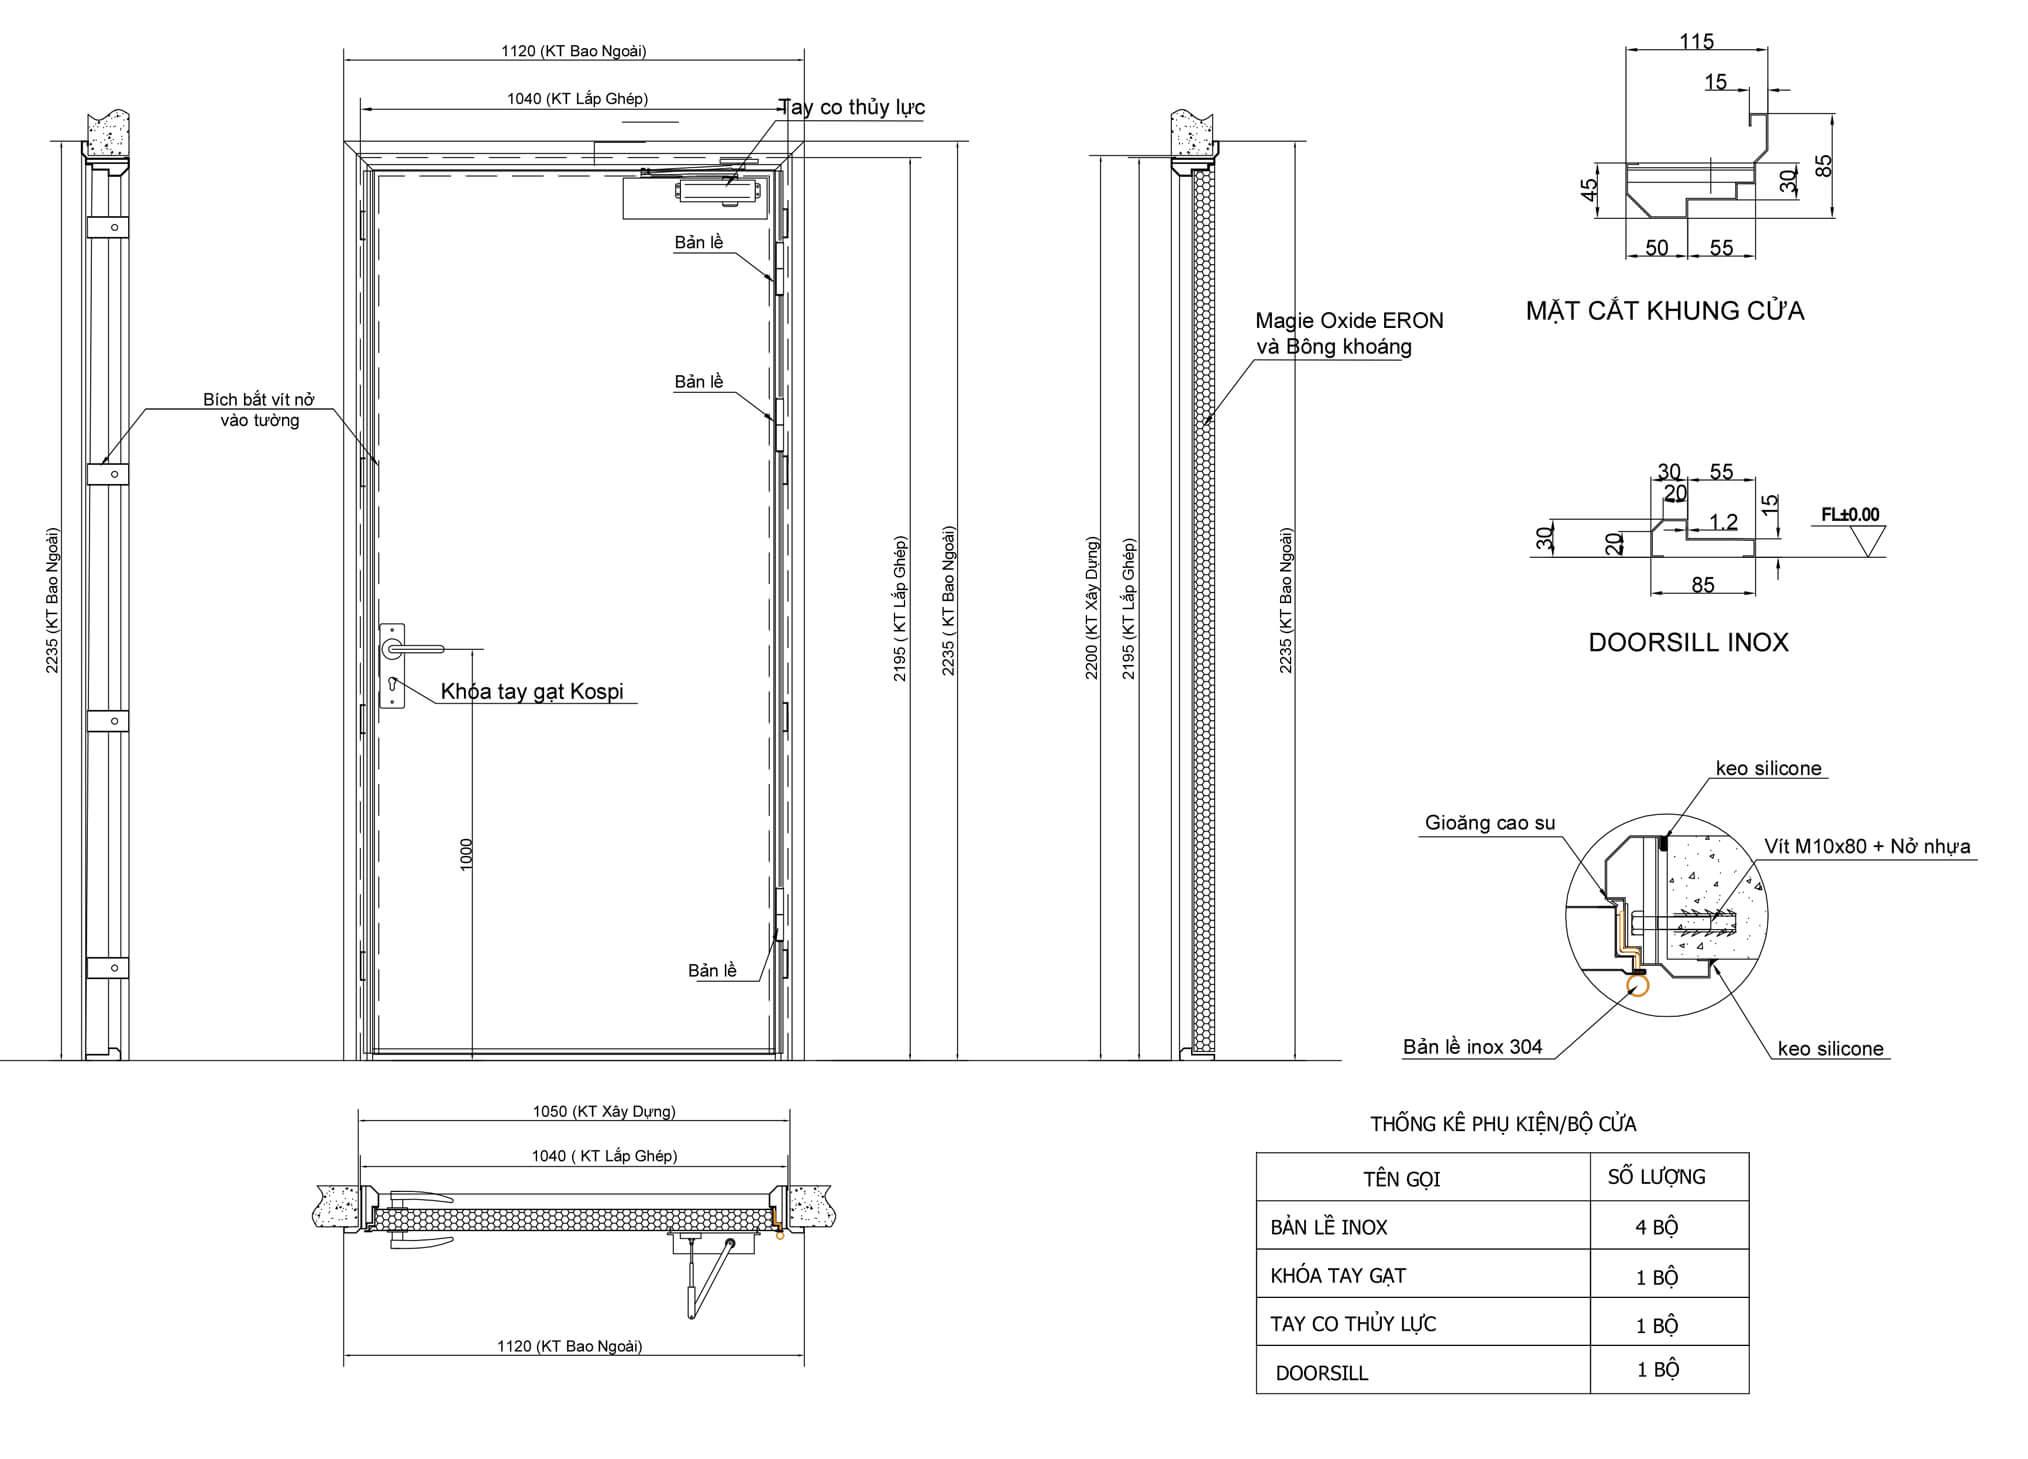 bản vẽ kỹ thuật cửa thép ngăn cháy 1 cánh